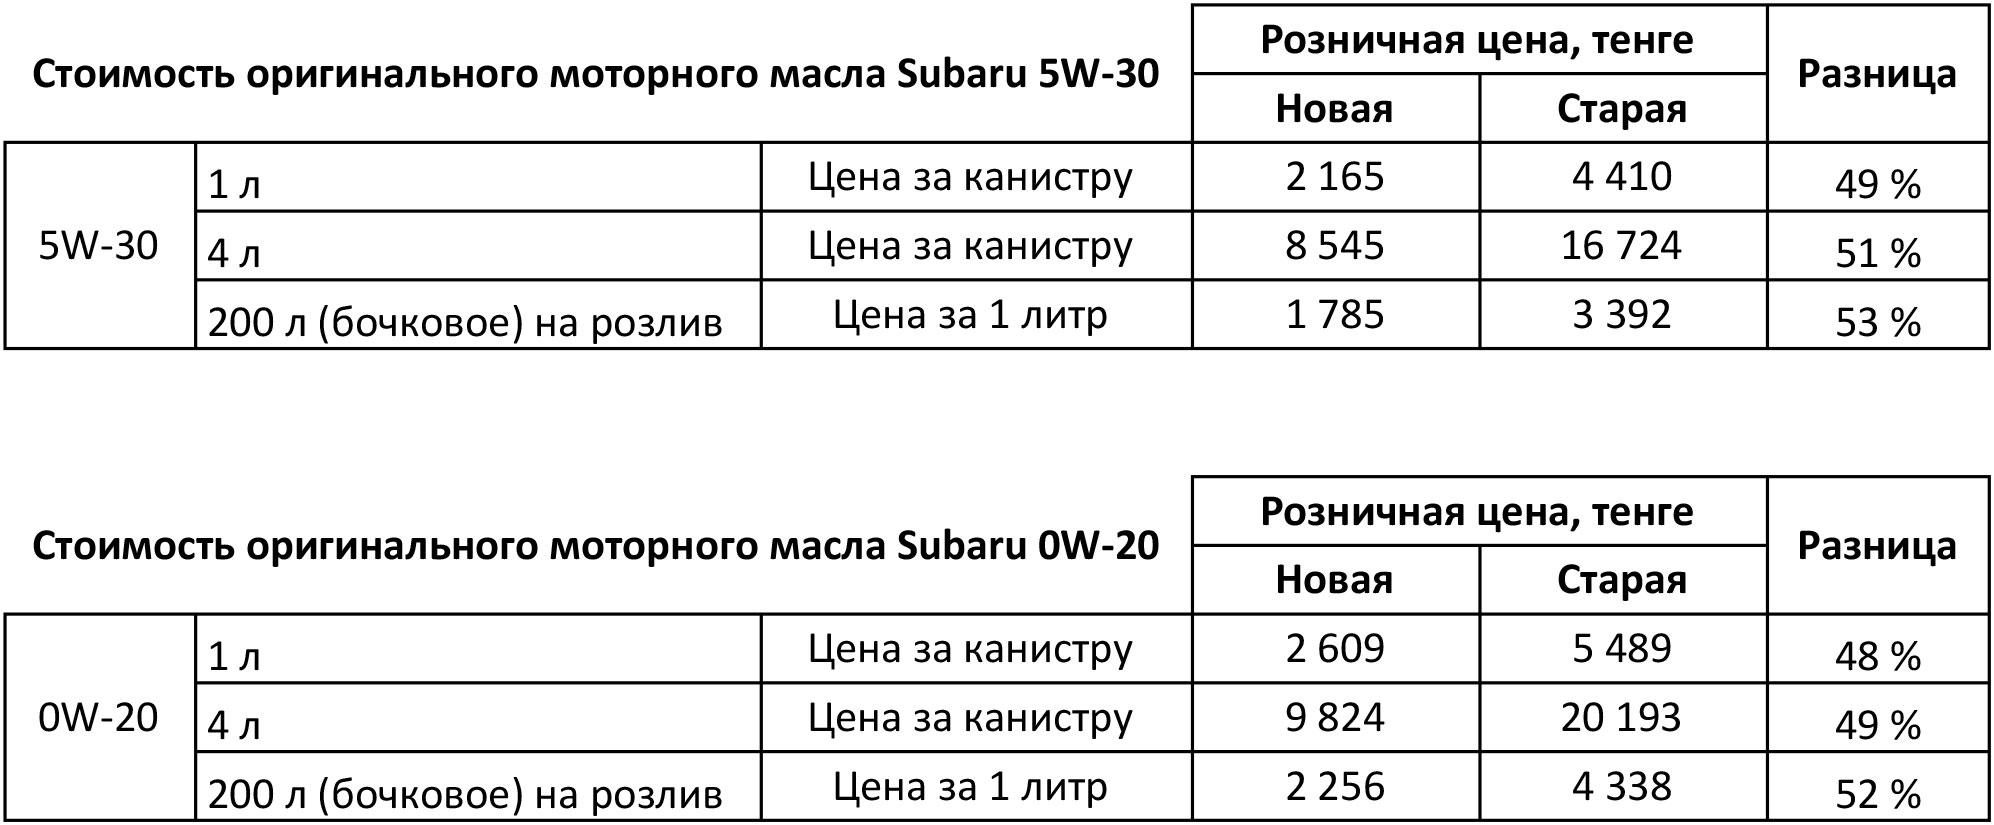 Снижение цены на оригинальное моторное масло Subaru